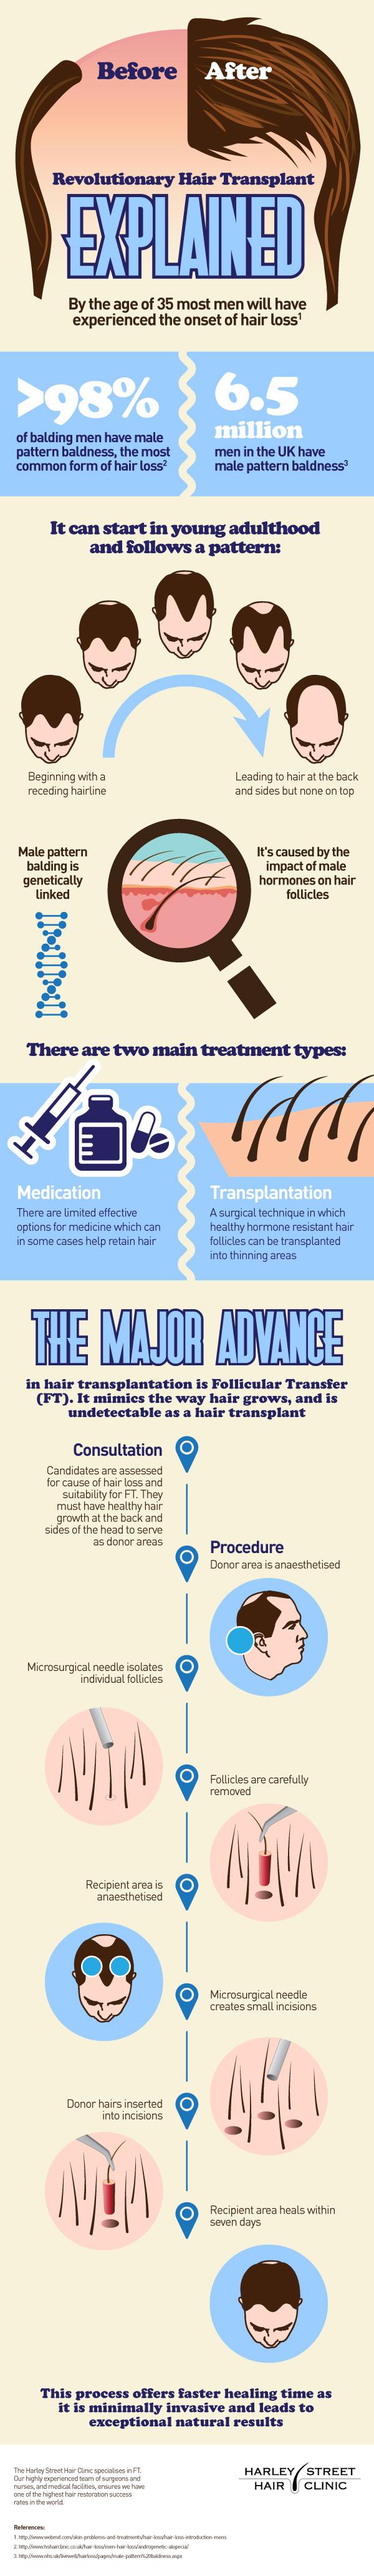 Revolutionary-Hair-Transplant-IG-13032014a